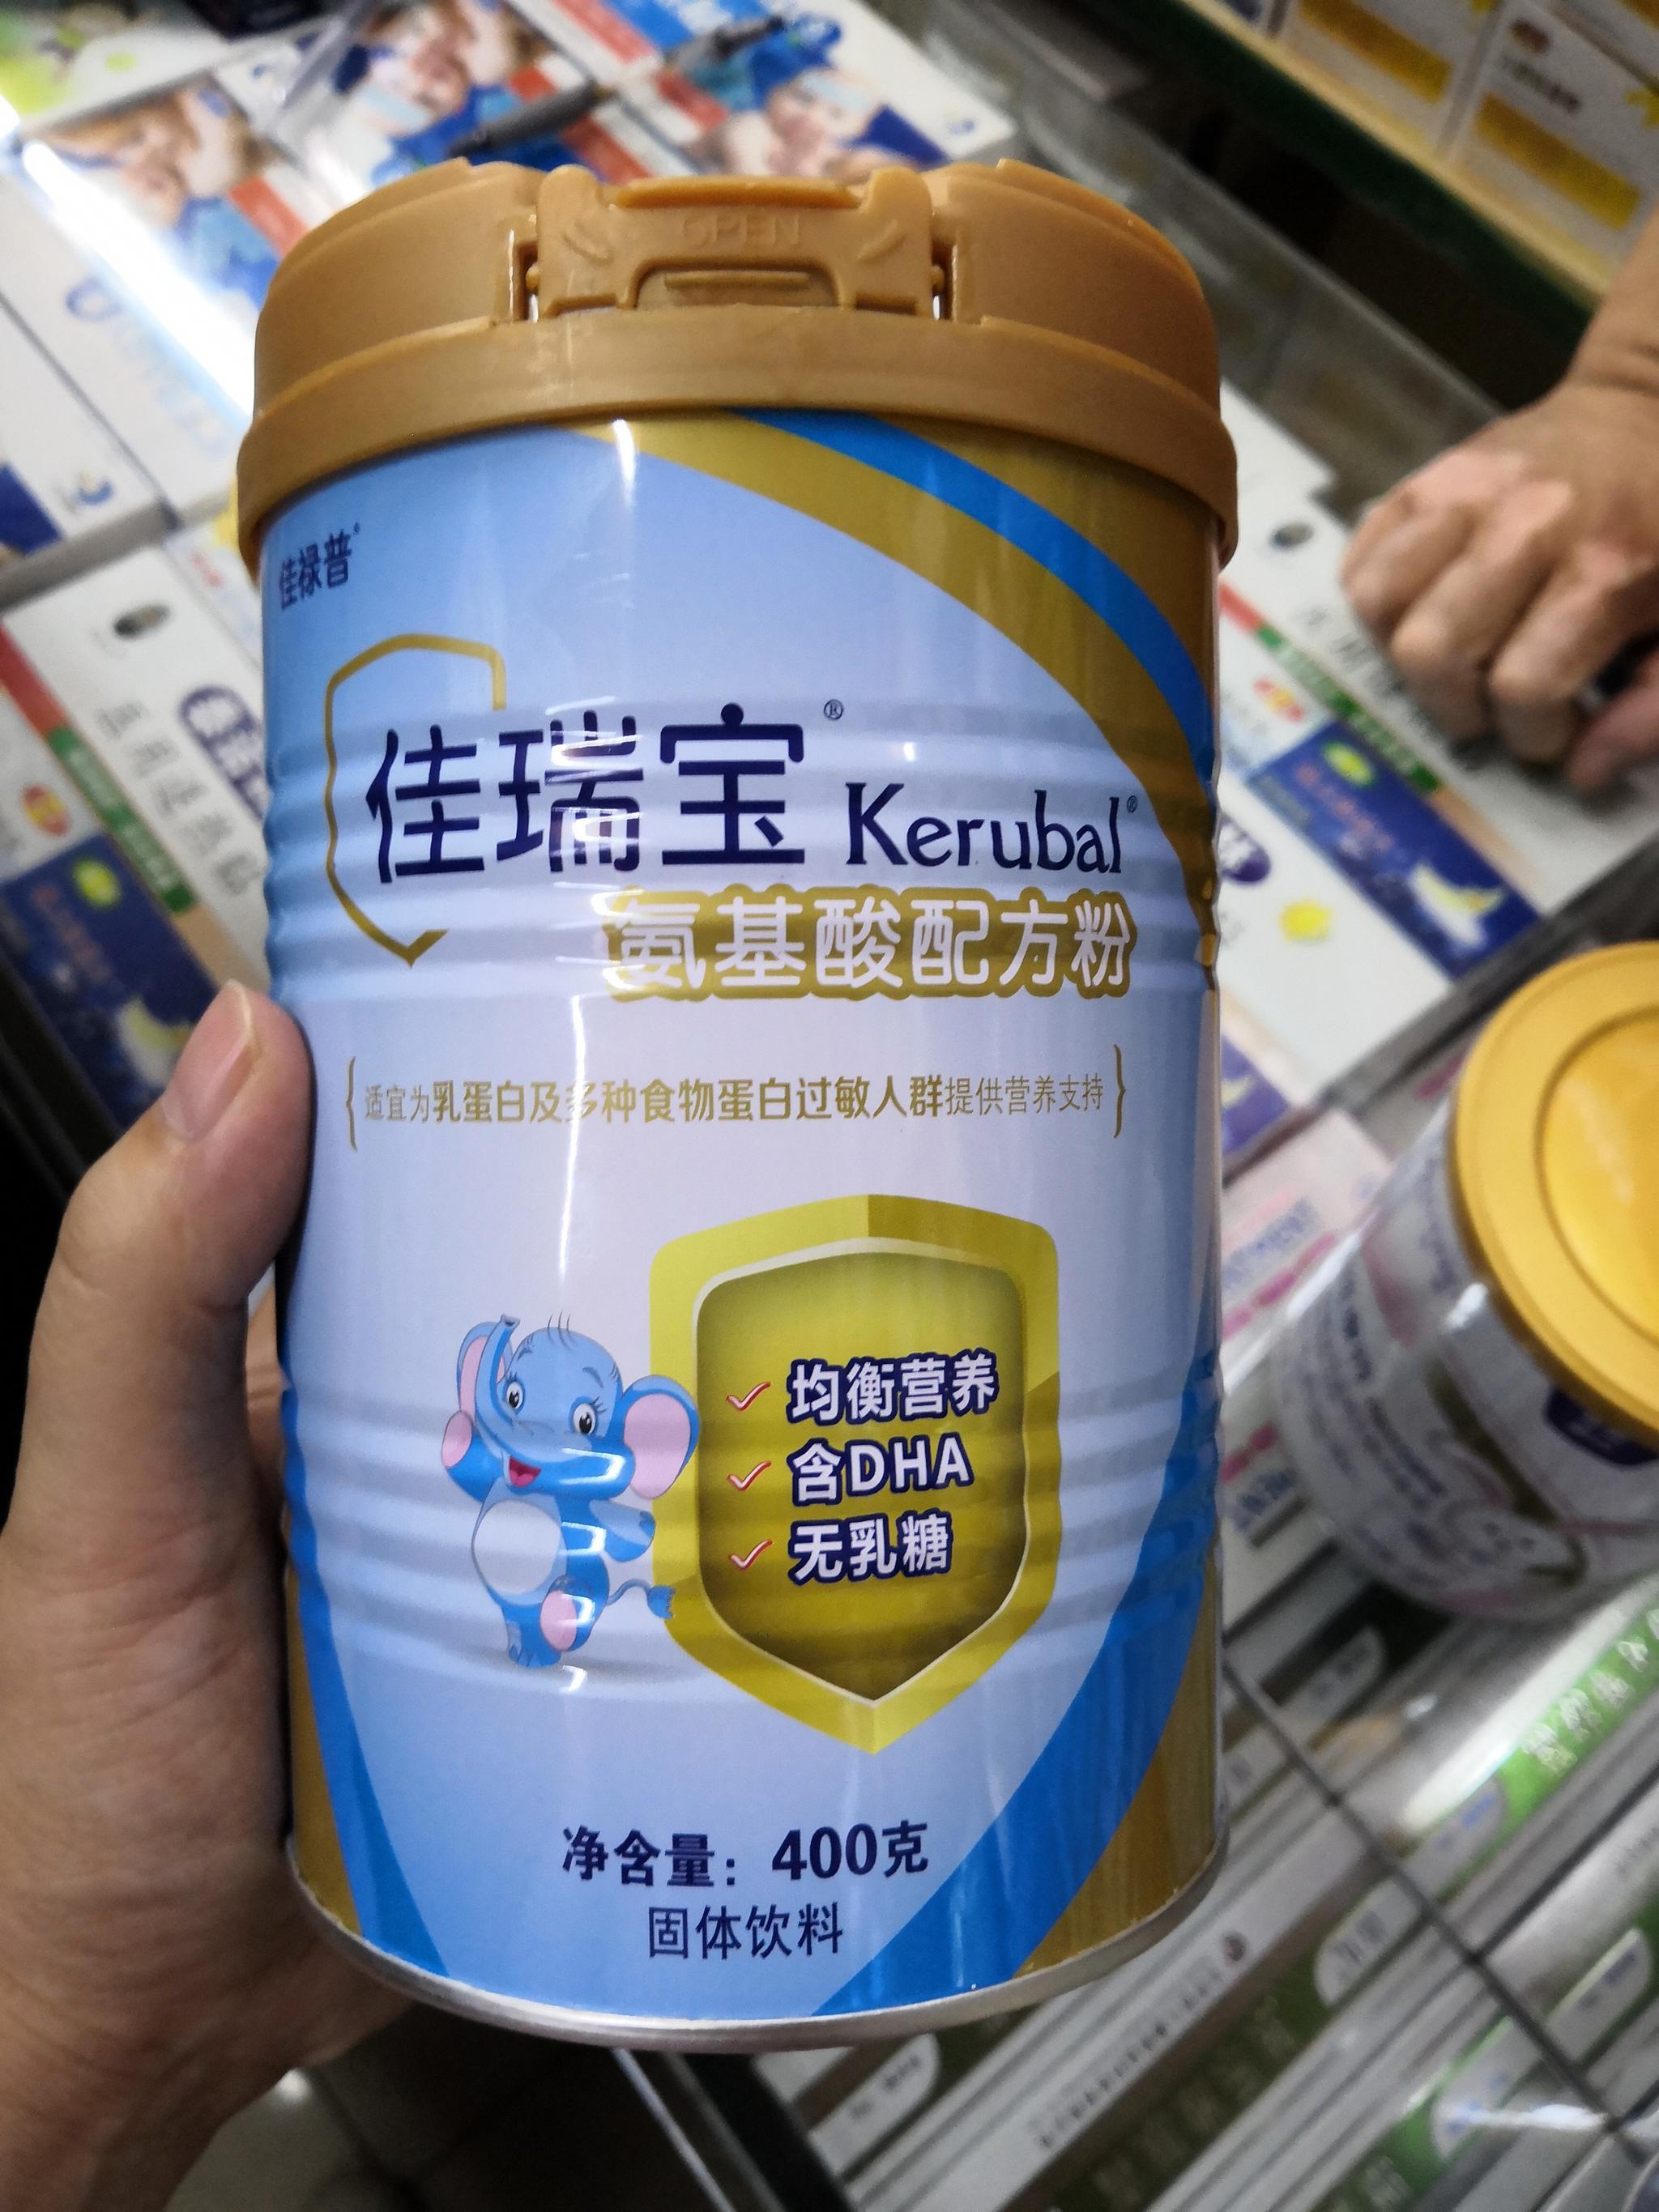 固体饮料冒充特医奶粉潜入医院商店 瞄准过敏婴幼儿